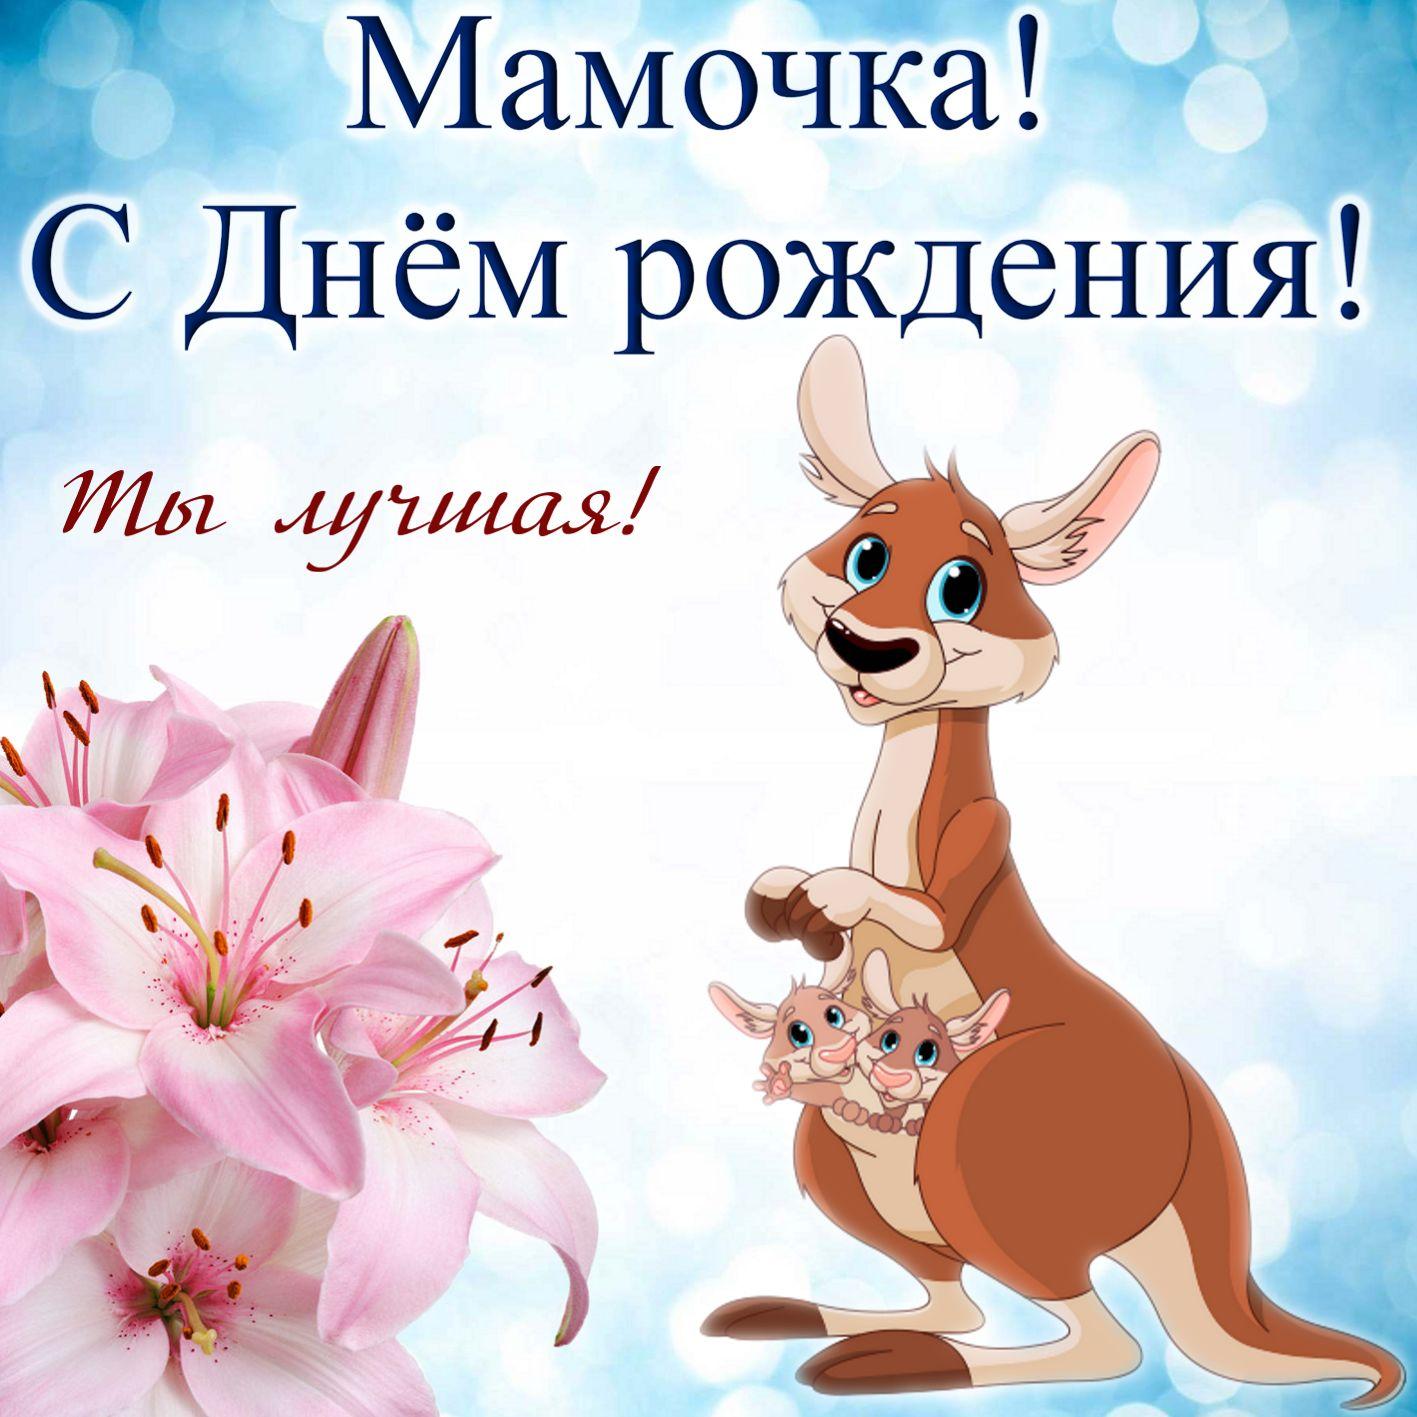 с днём рождения мама , открытки мультяшные с поздравлениями для мамы. с днём рождения мама , открытки мультяшные с поздравлениями для мамы , добрые , милые , с изображением на картинке героев из мультфильмов , с добрыми пожеланиями.